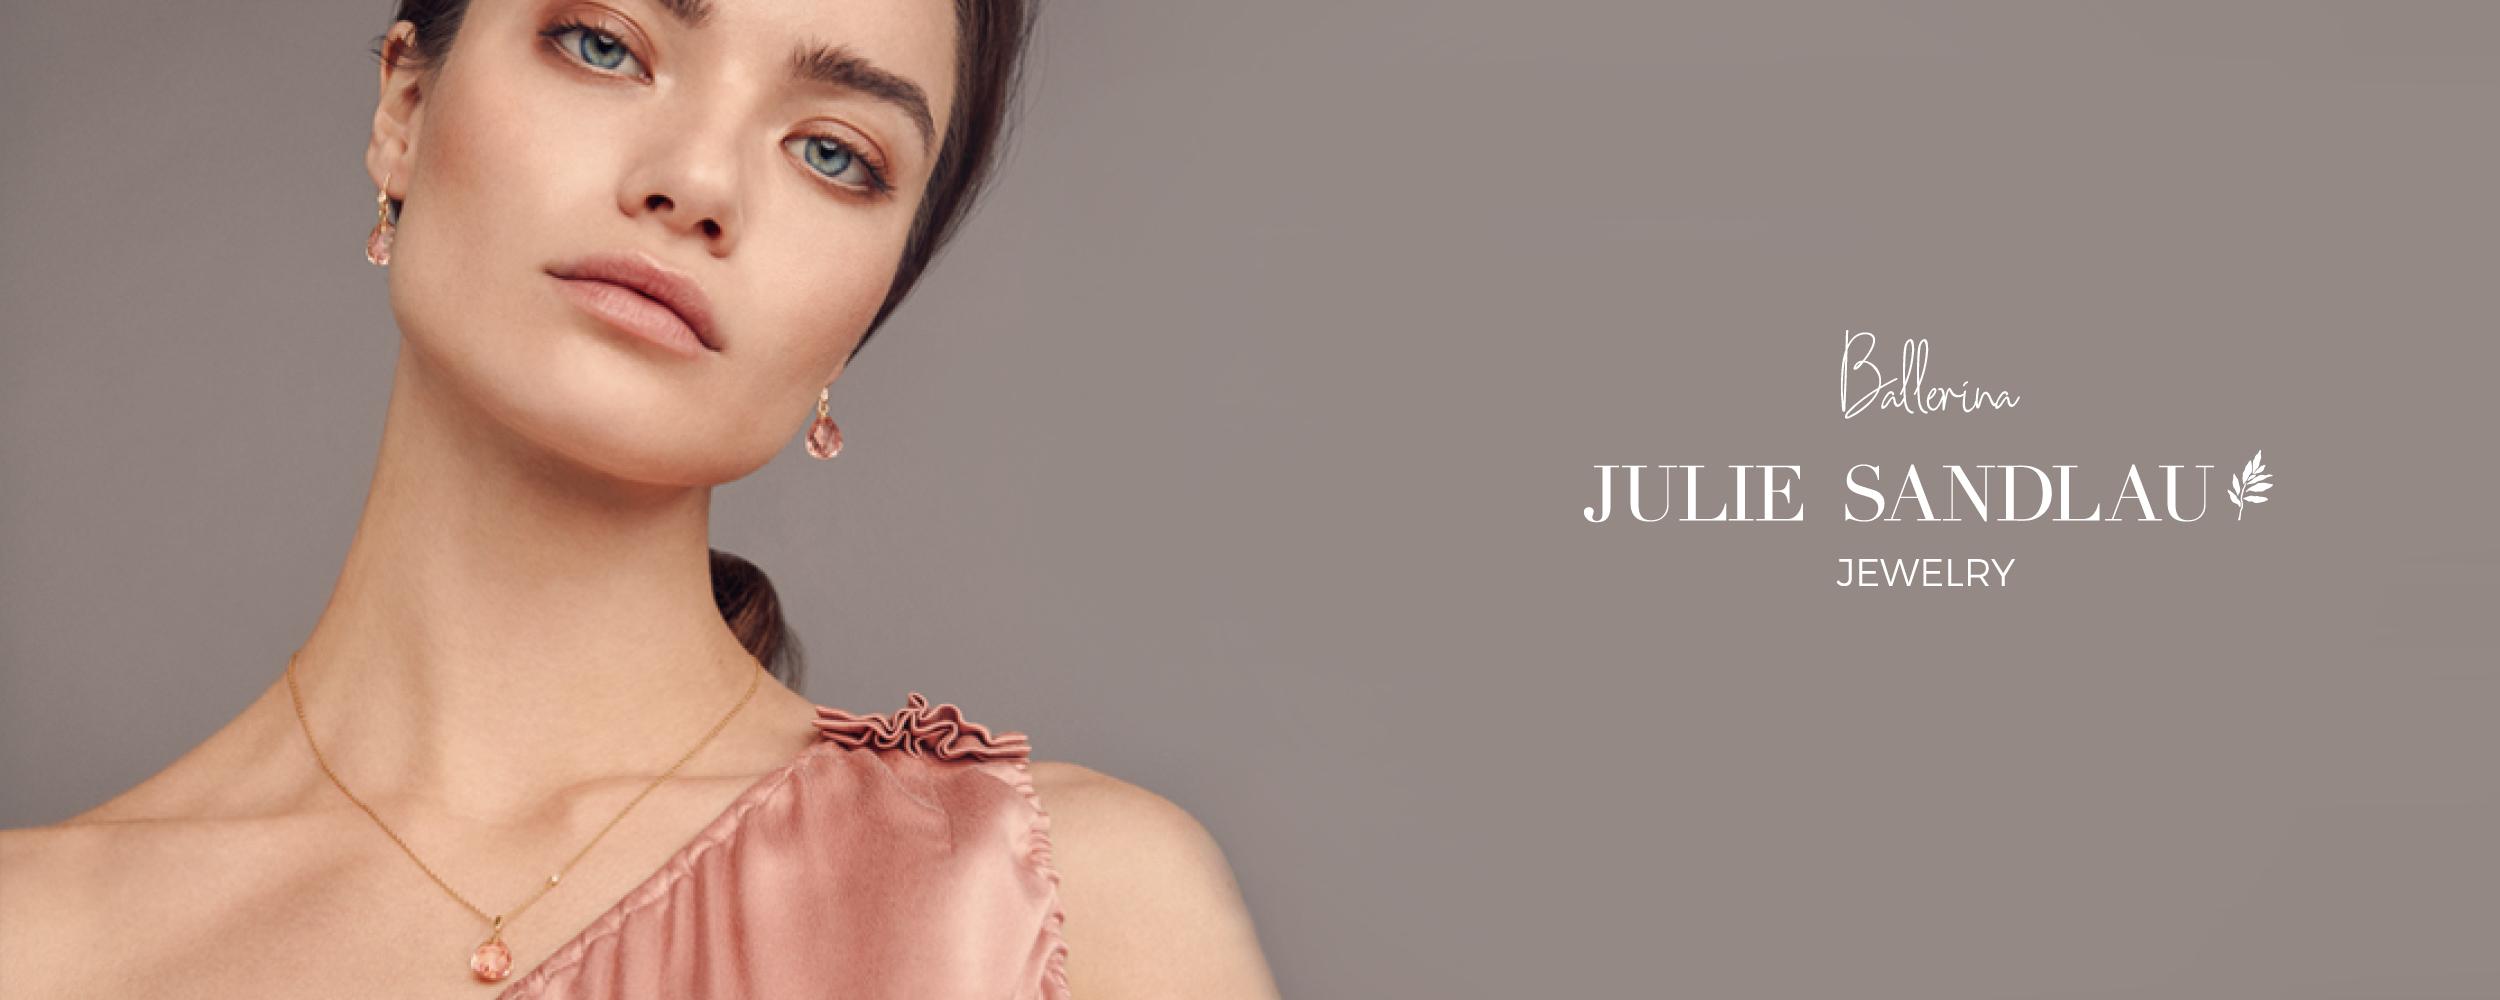 Julie Sandlau